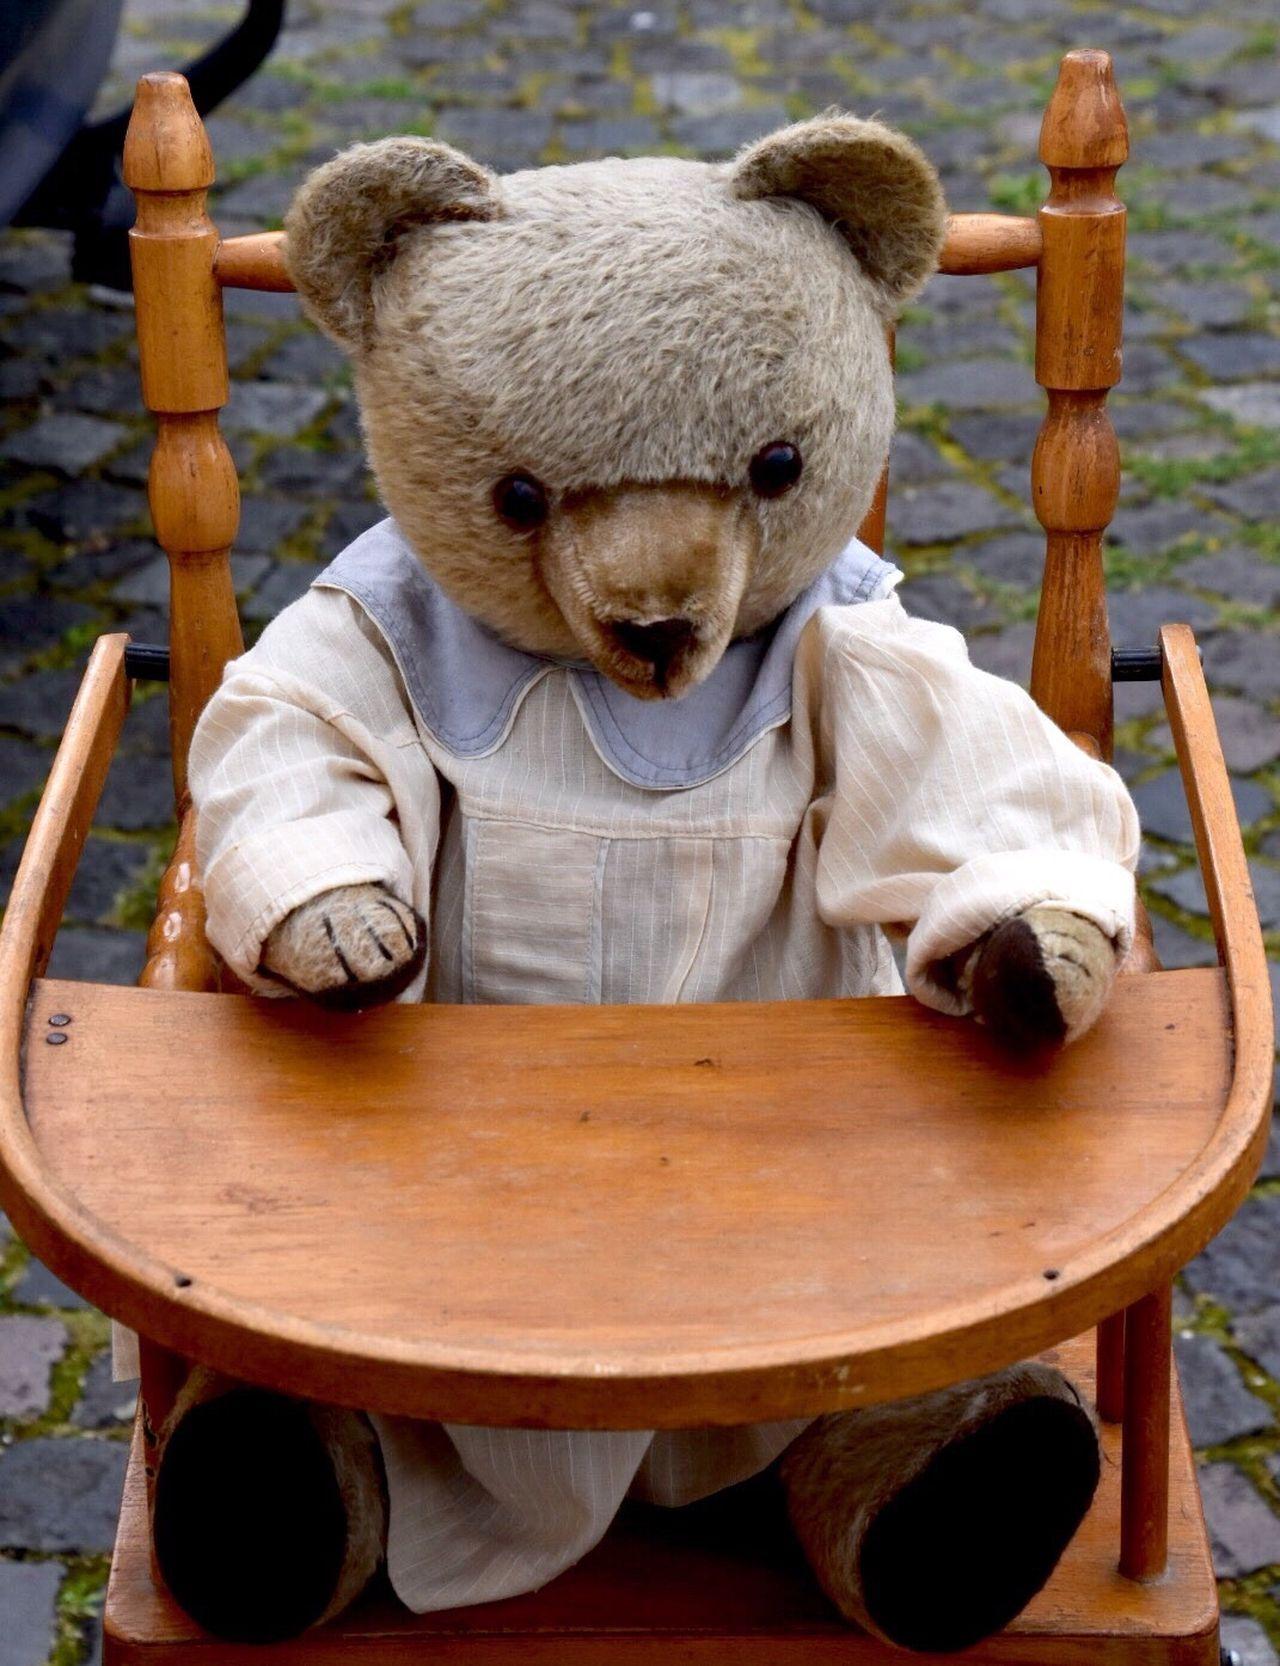 Lieblingsteil Teddy Bear Teddy Teddylove EyeEm Best Shots Eye4photography  EyeEm Gallery